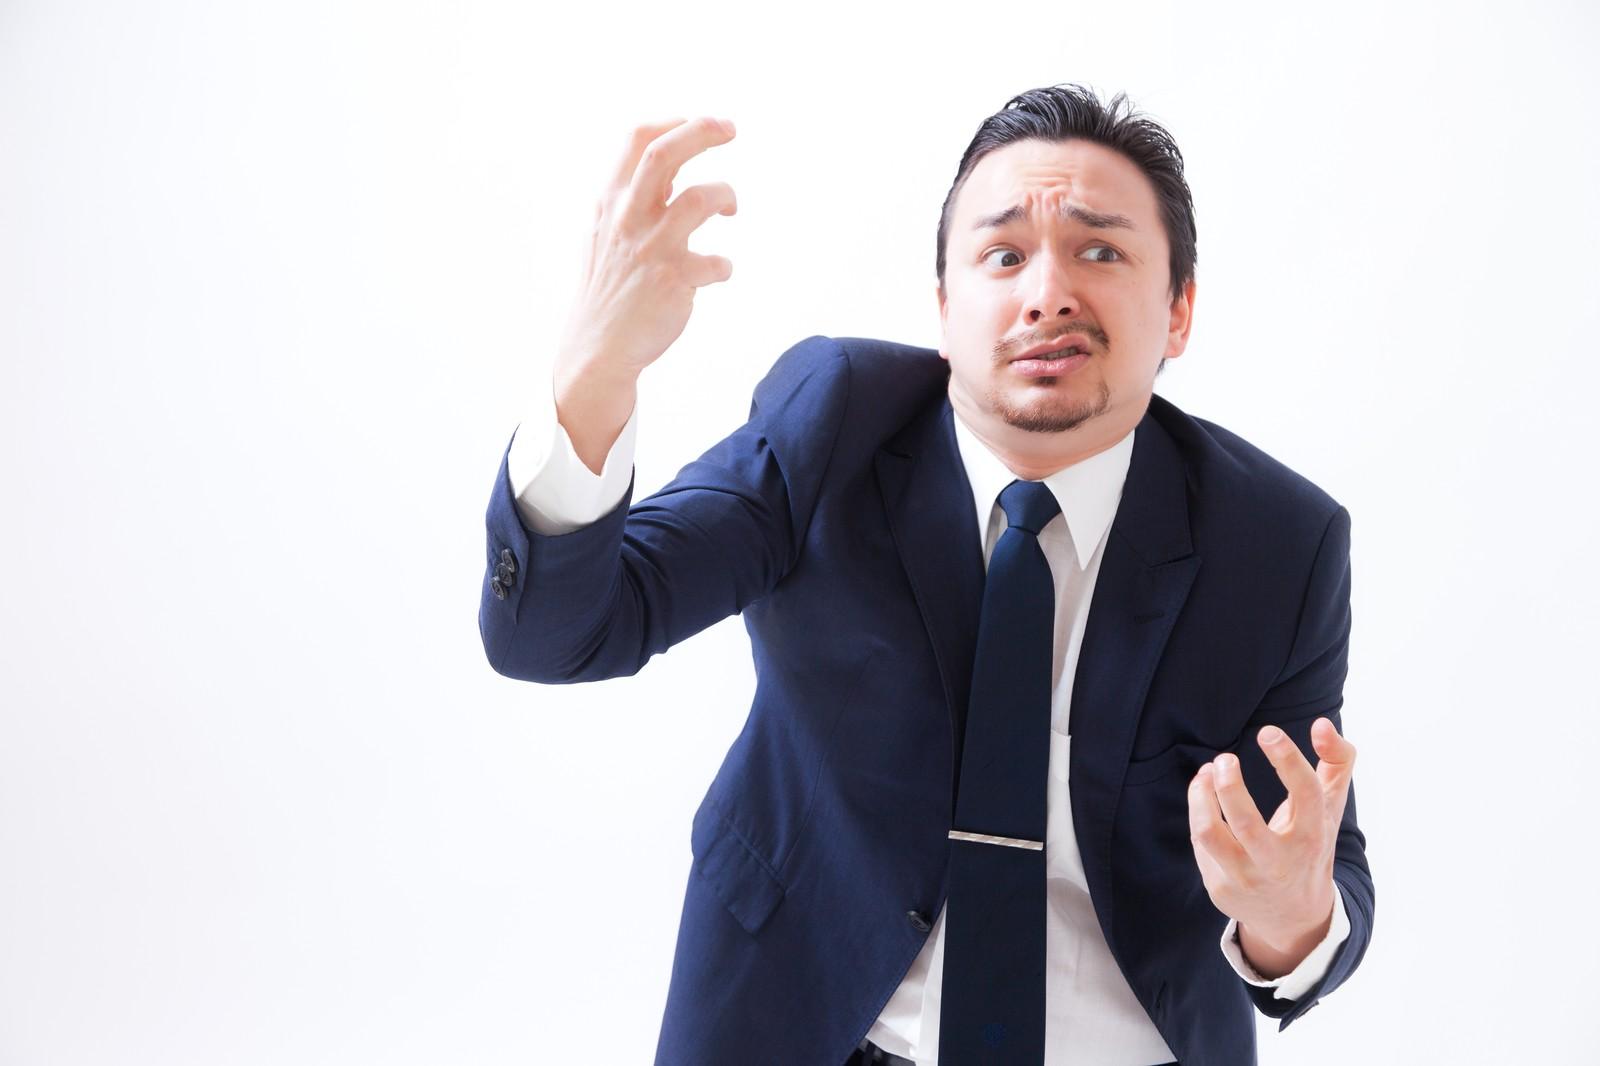 【カラオケ】おもいっきり歌うと喉が痛くなるのですが…歌い方が悪いのでしょうか?